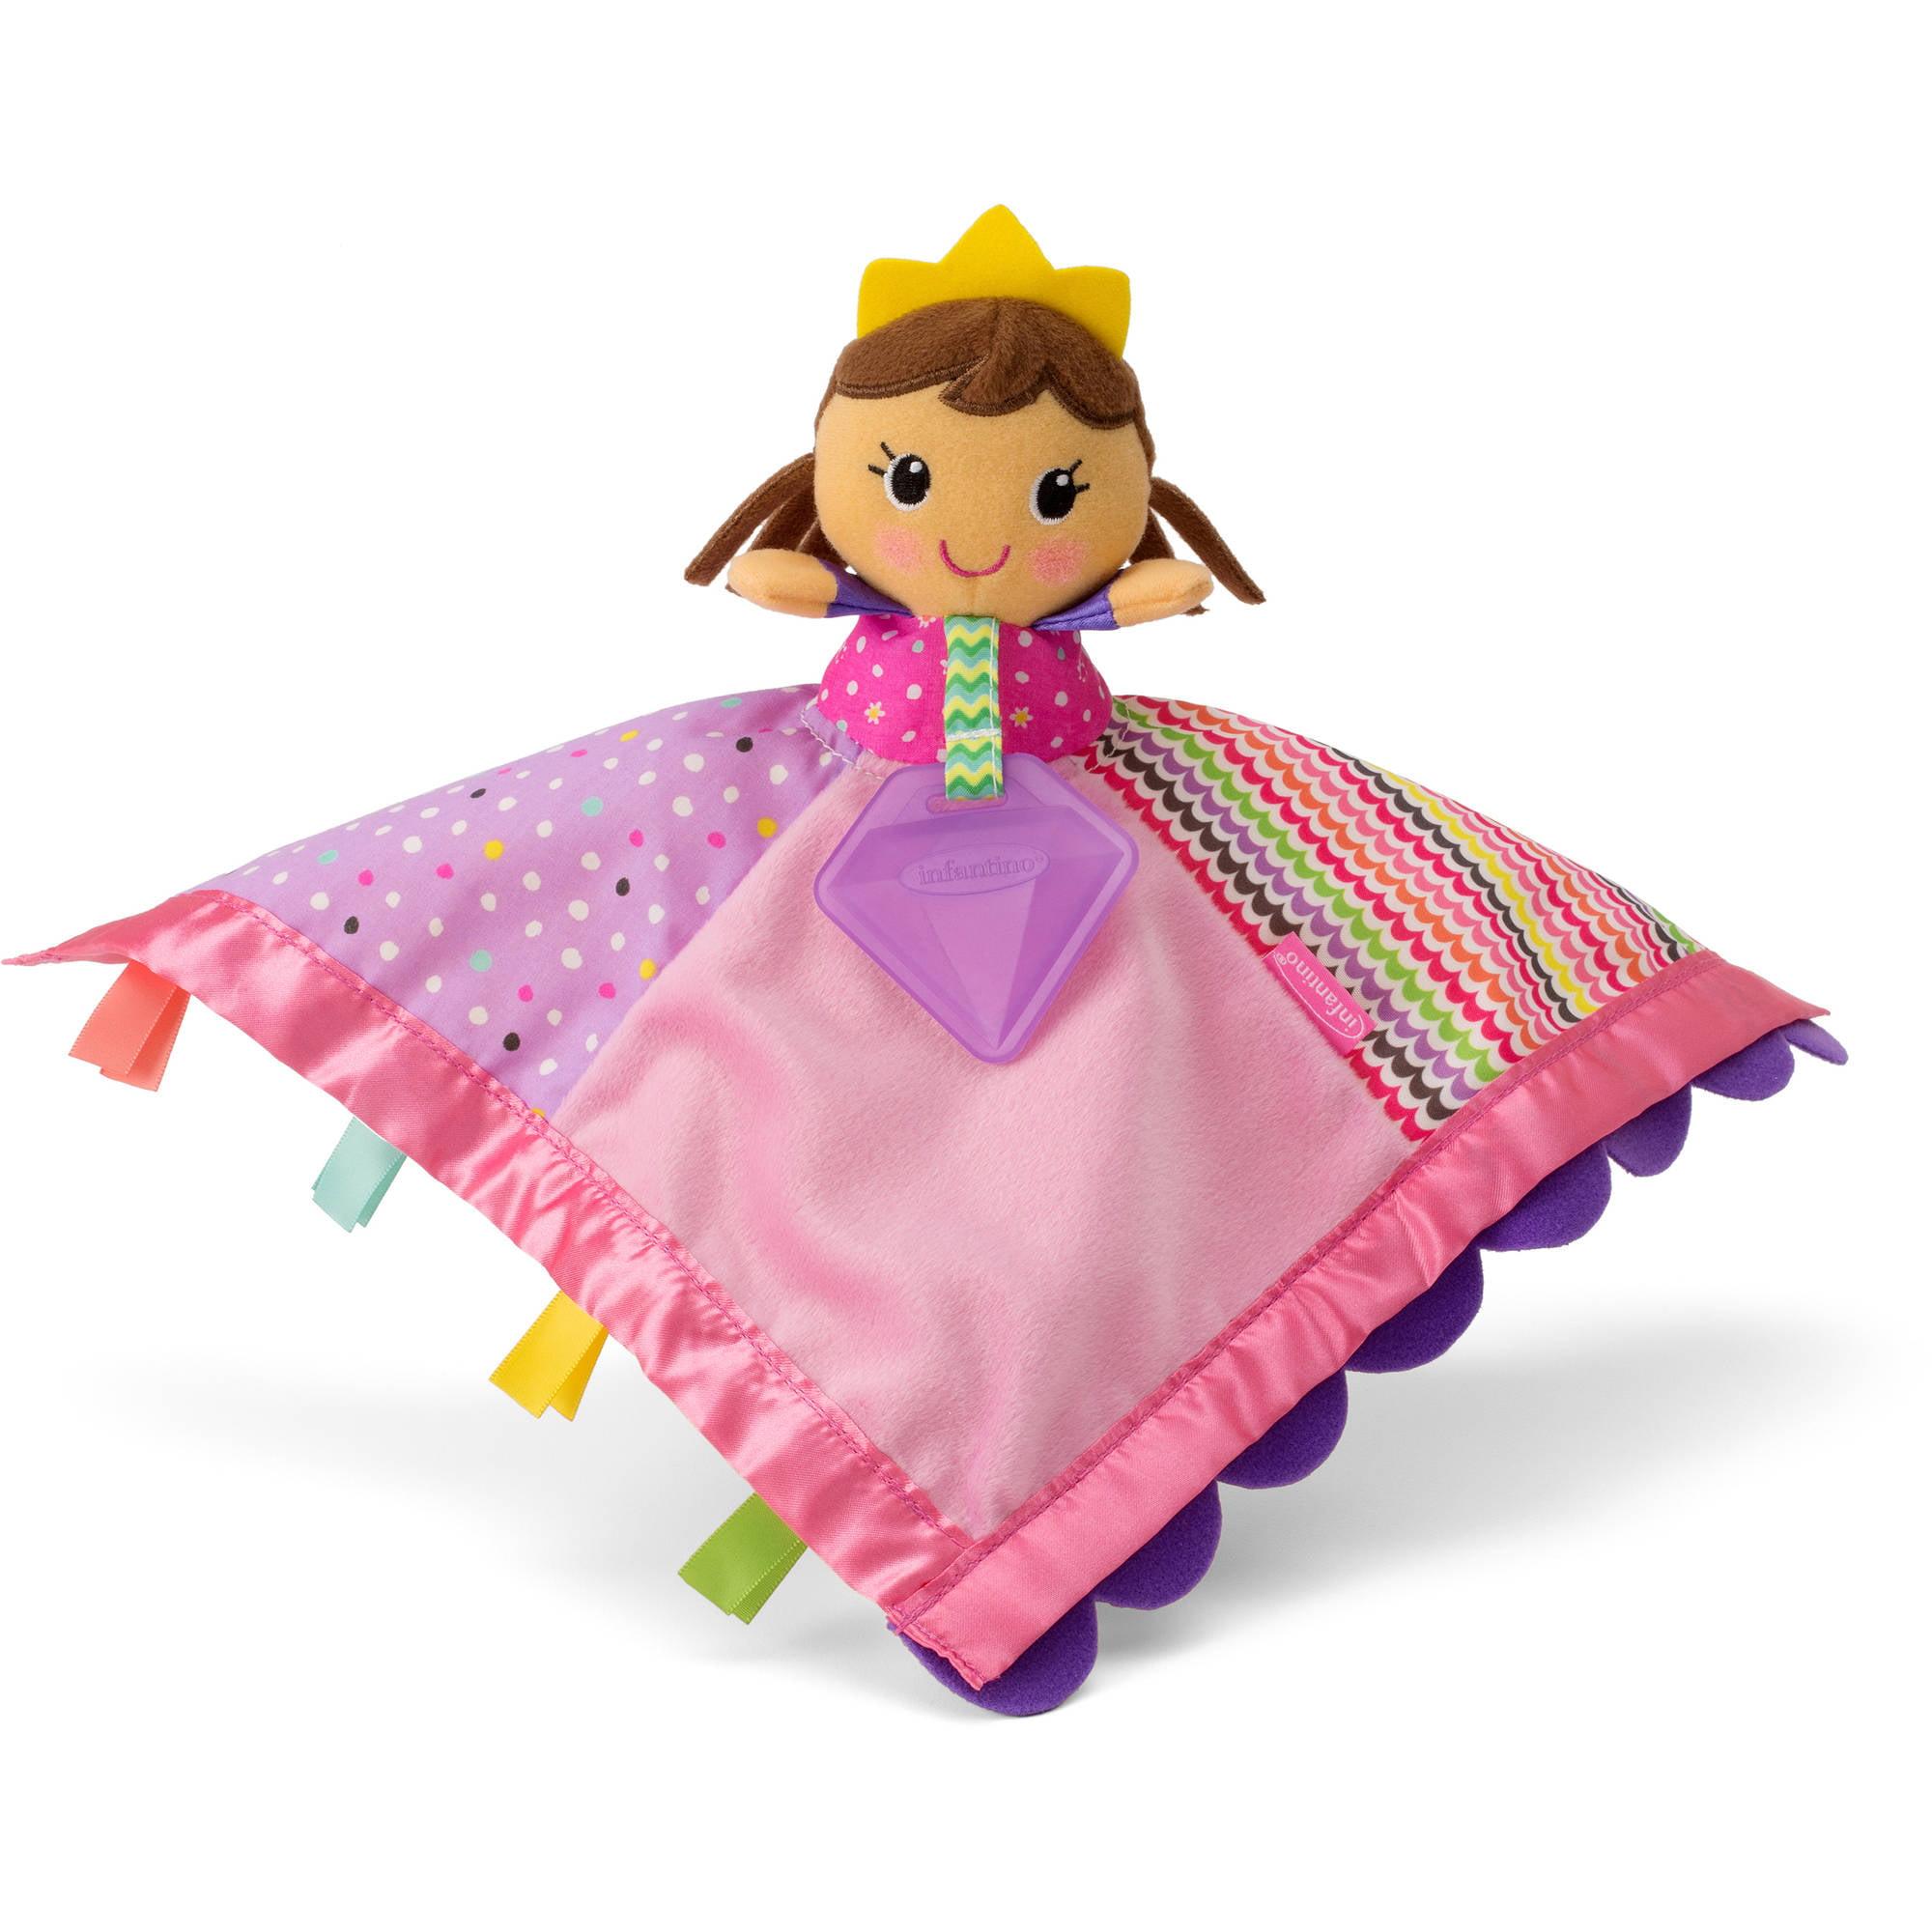 Infantino Sparkle Soft & Snuggly Lovie Pal Princess